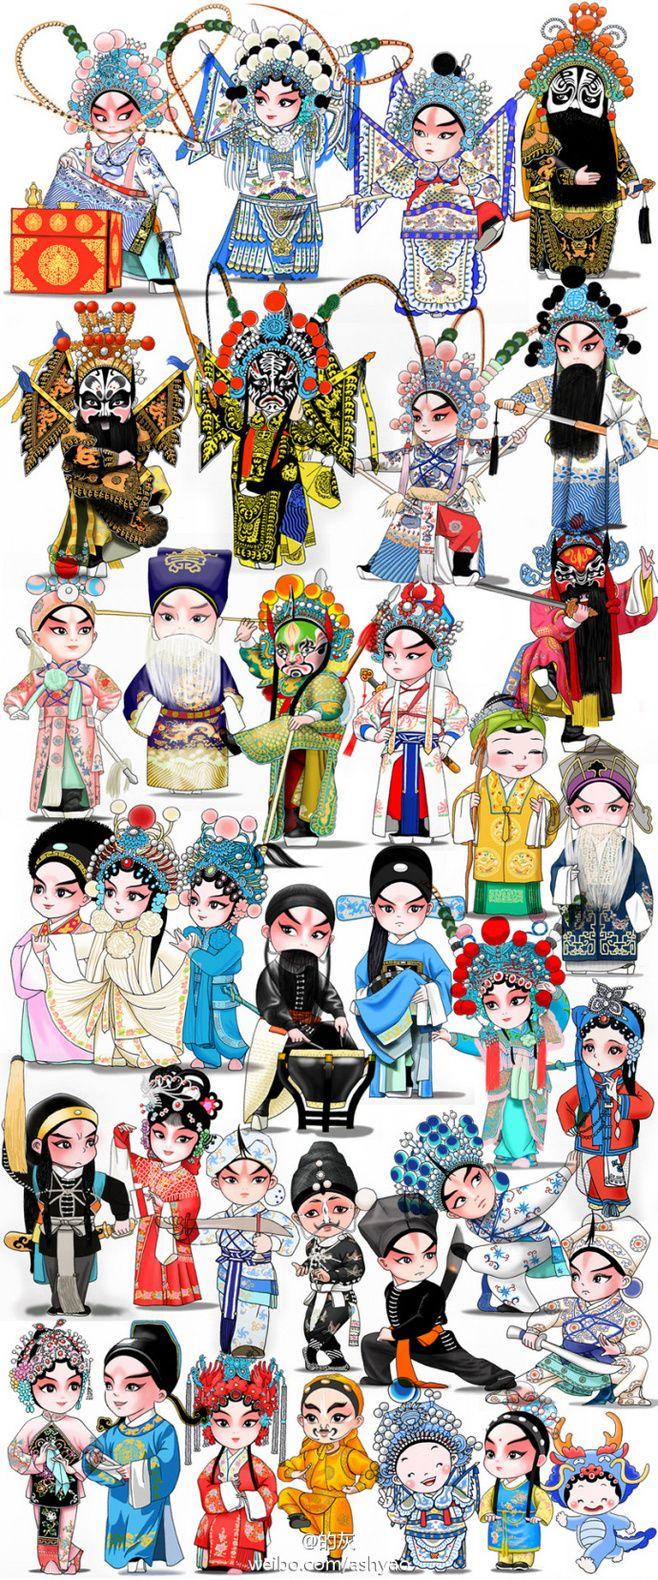 Beijing opera,peking opera, chinese traditional culture, fantastic art, Cute cartoon characters.